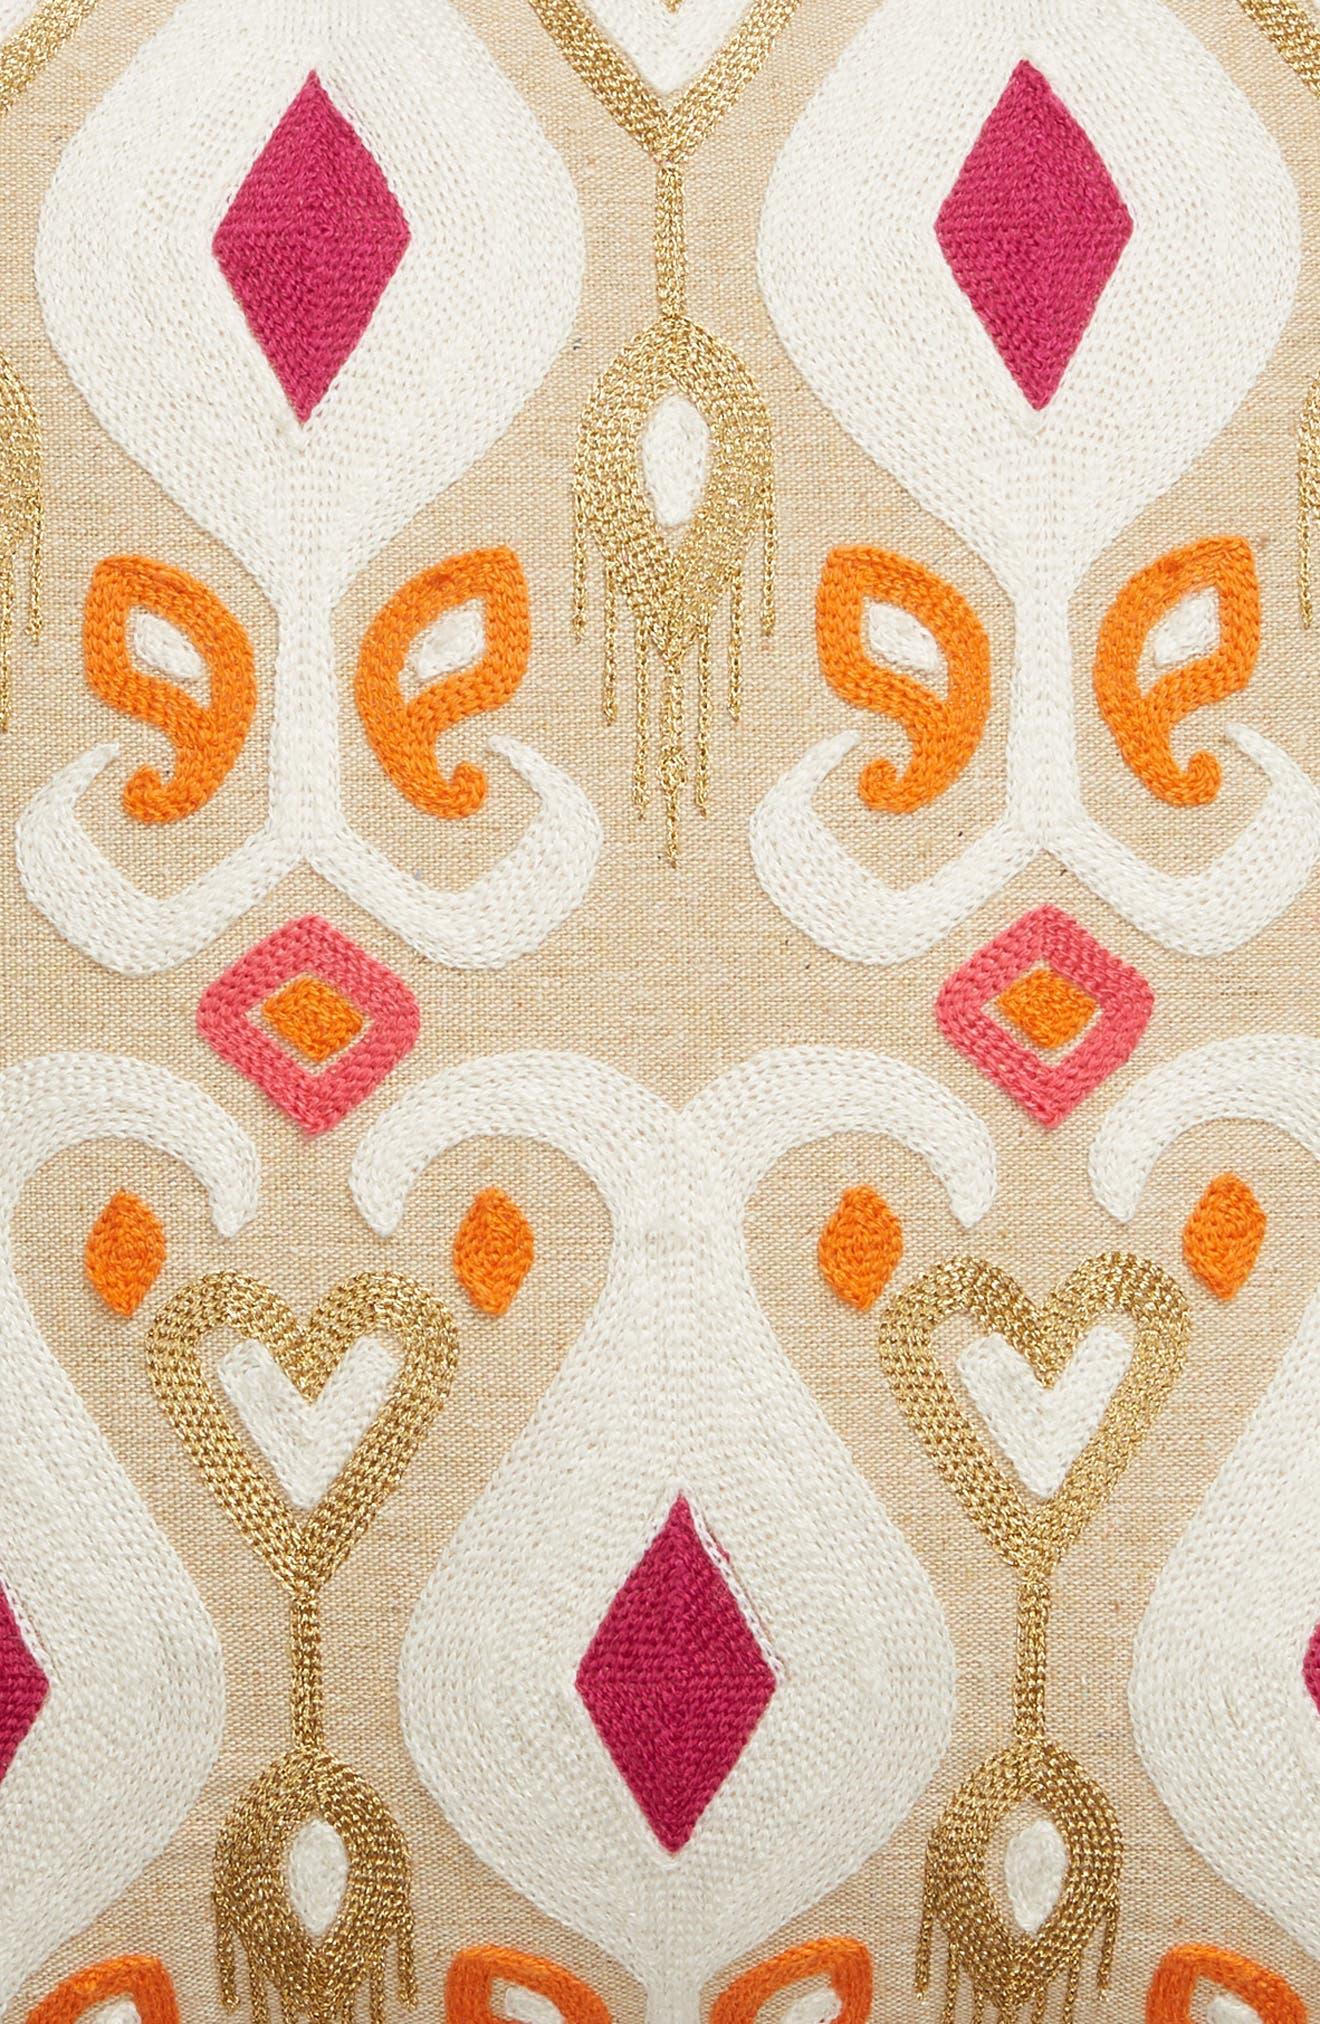 Saffron Crewel Stitch Accent Pillow,                             Alternate thumbnail 3, color,                             251